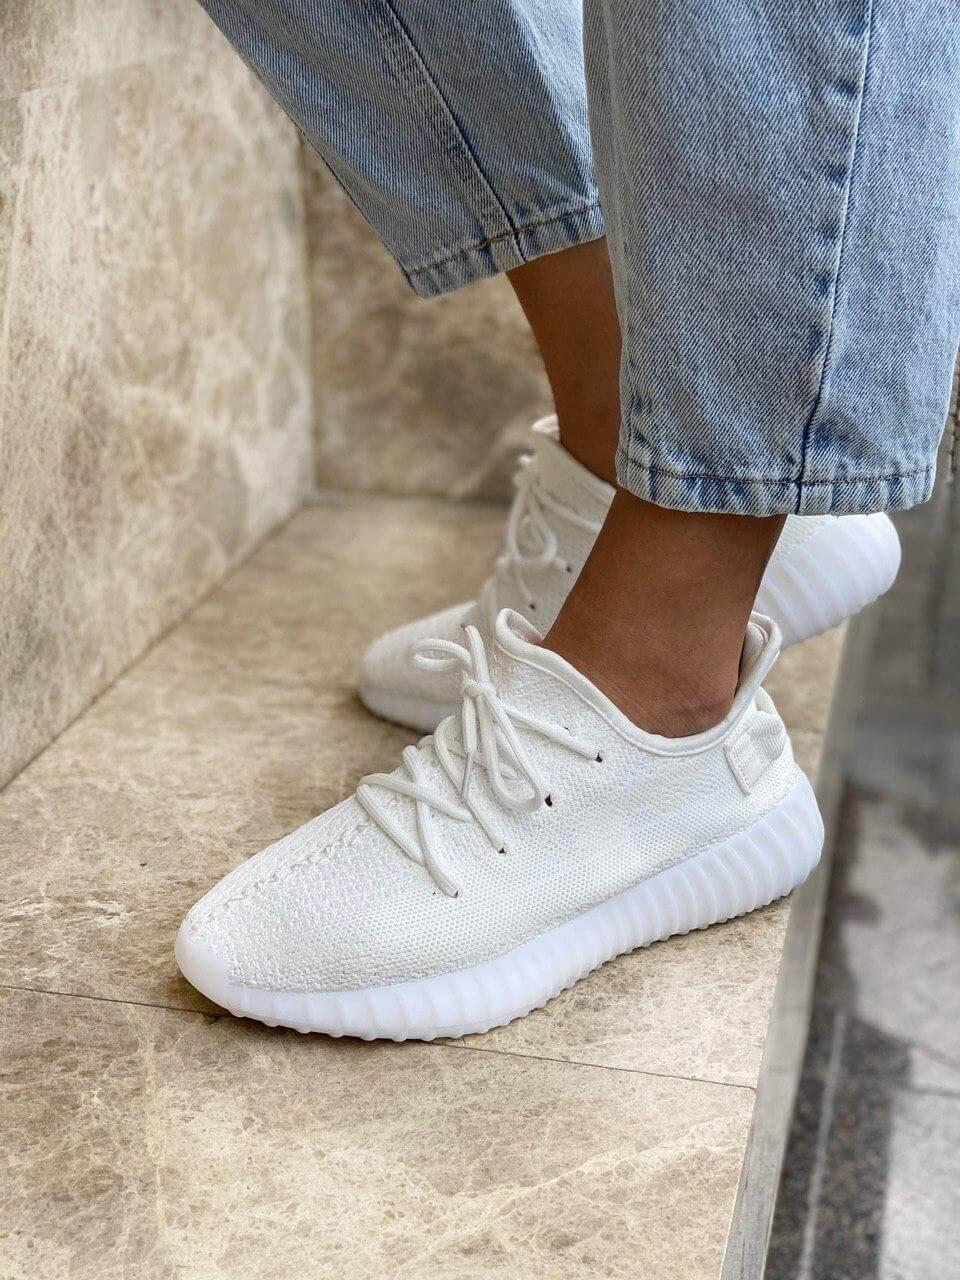 Белые кроссовки Adidas Yeezy Boost 350 White (Адидас Изи Буст) мужские и женские 36-45